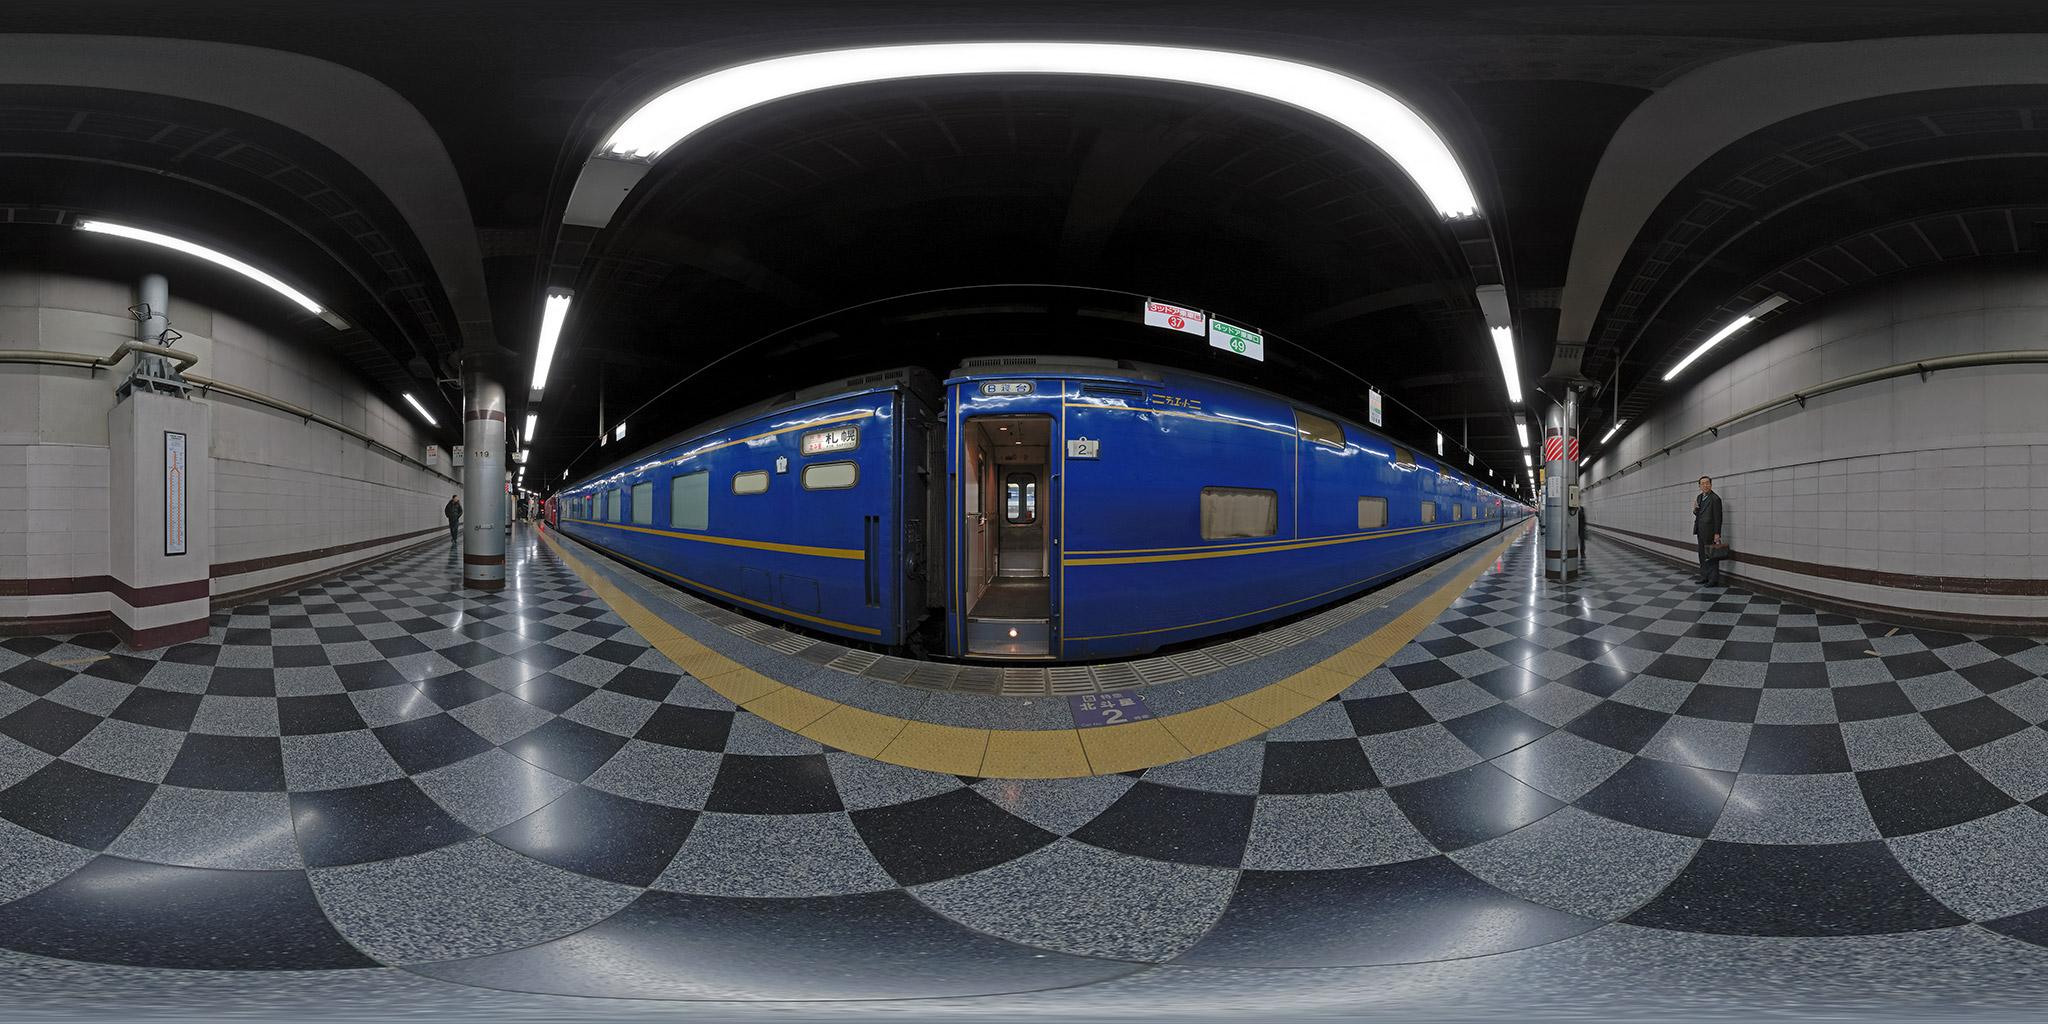 上野駅13番線を16:50に発車していた「北斗星1号」